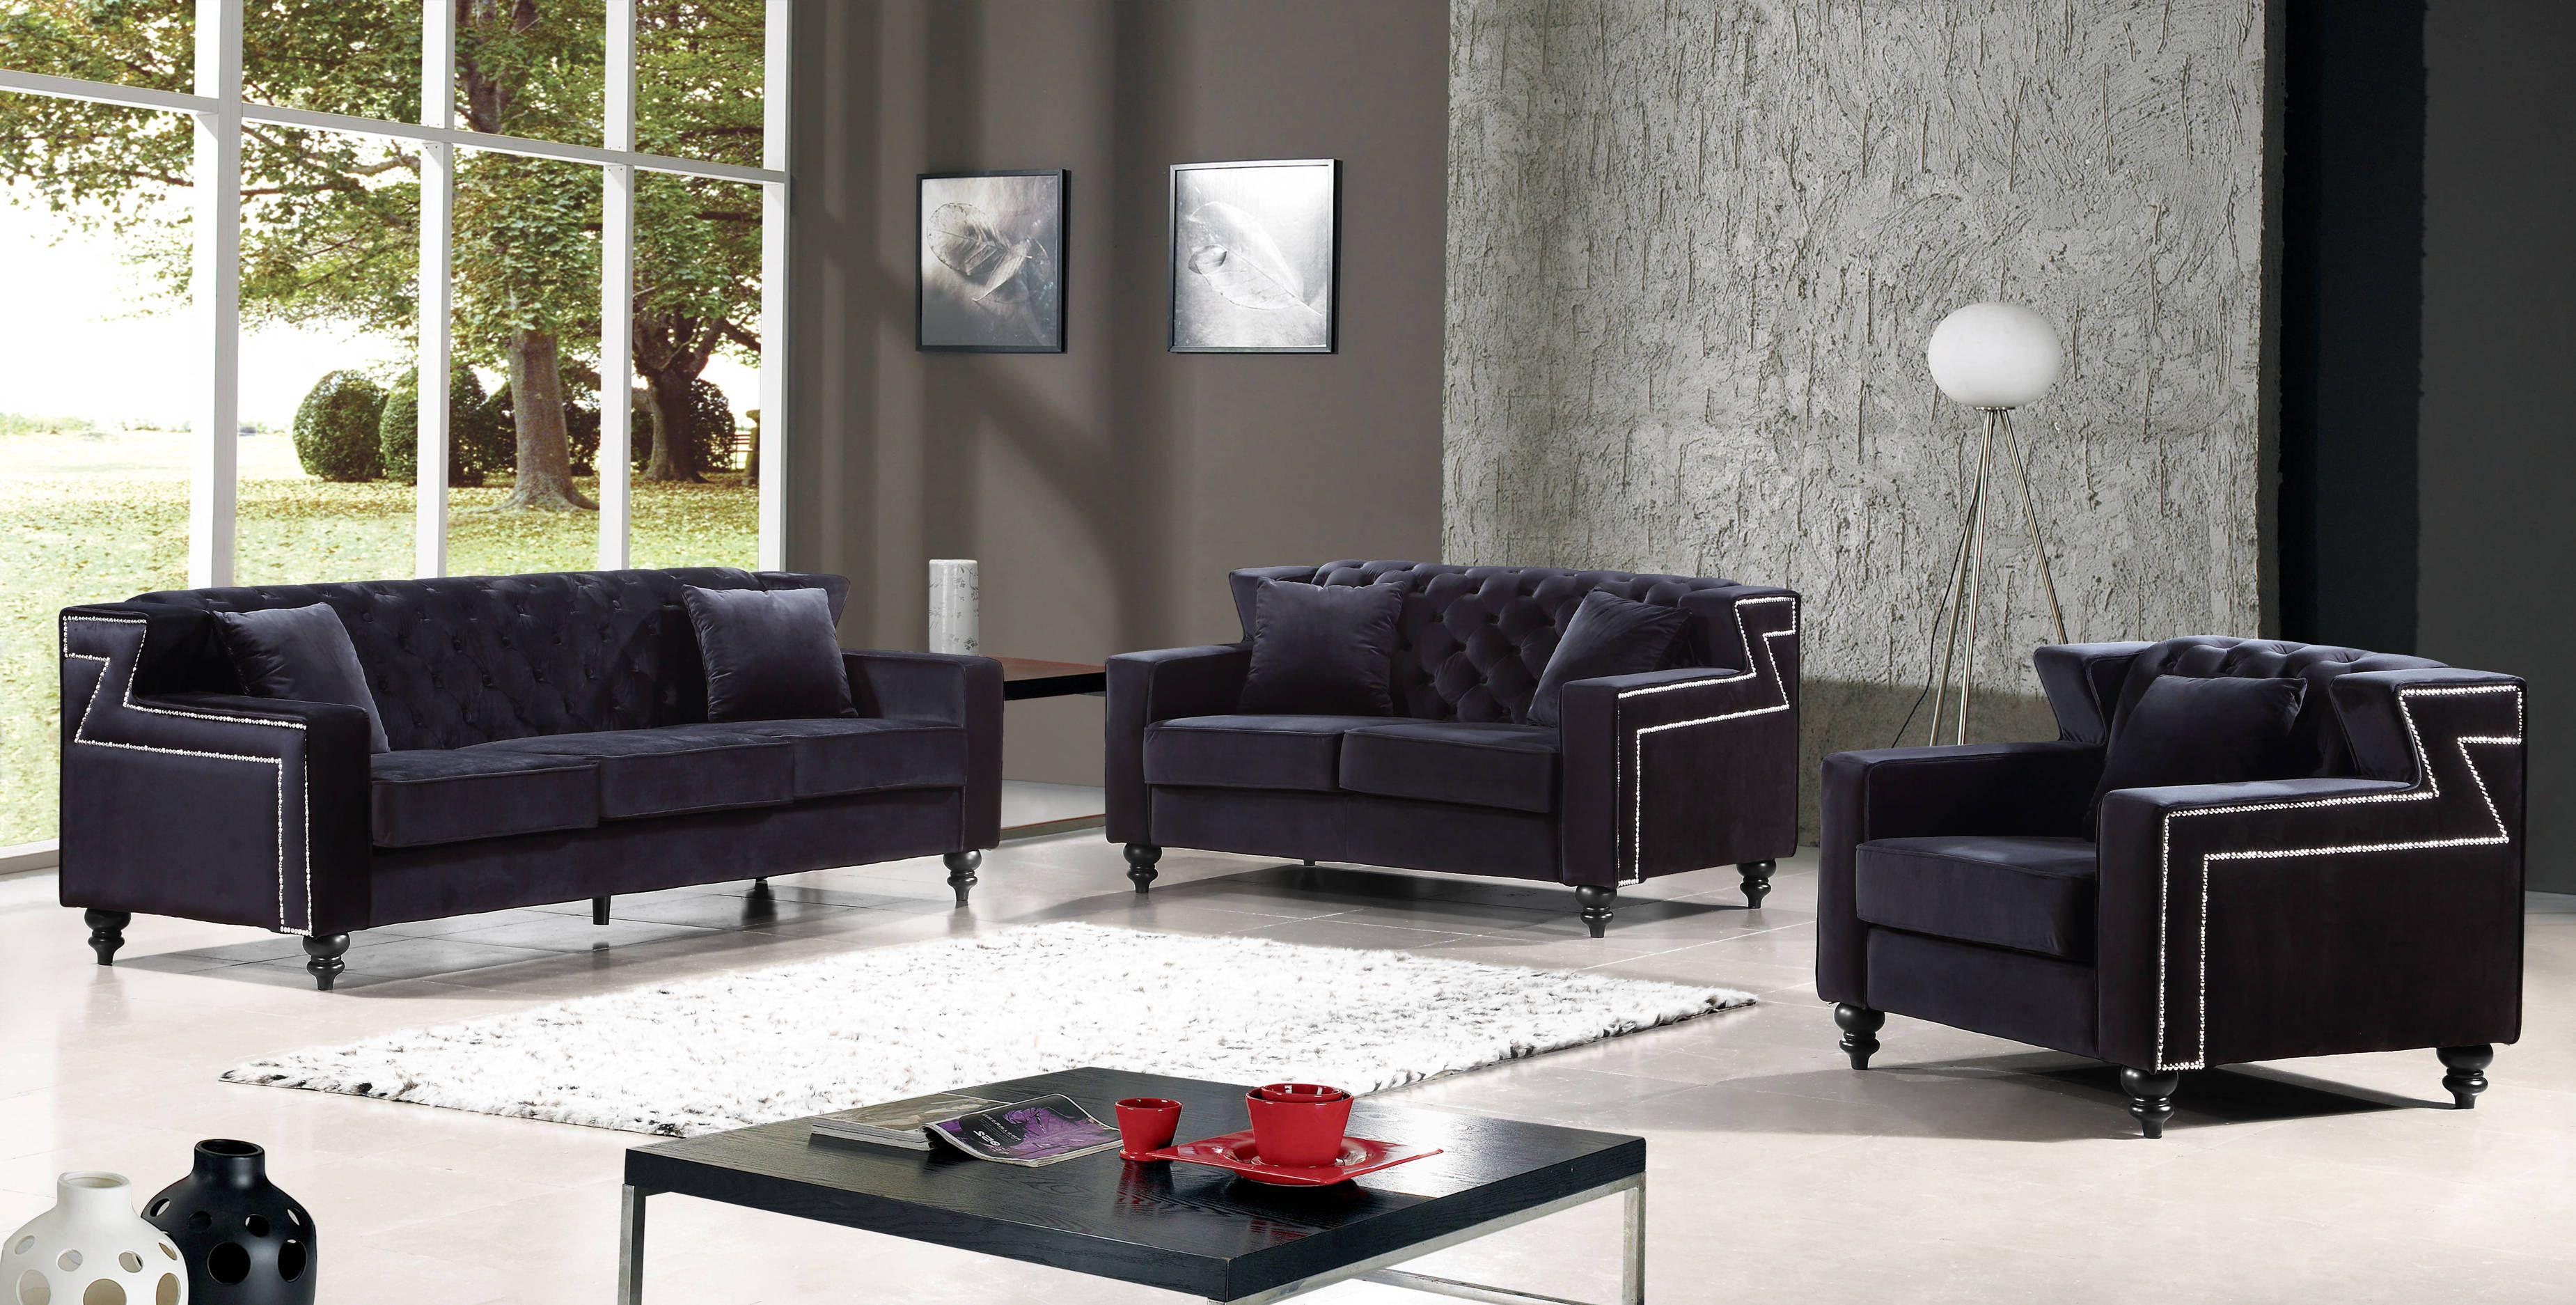 Harley Black Velvet Tufted Back Silver Nailheads Living Room Set Velvet Living Room Living Room Sets Meridian Furniture #velvet #tufted #living #room #set